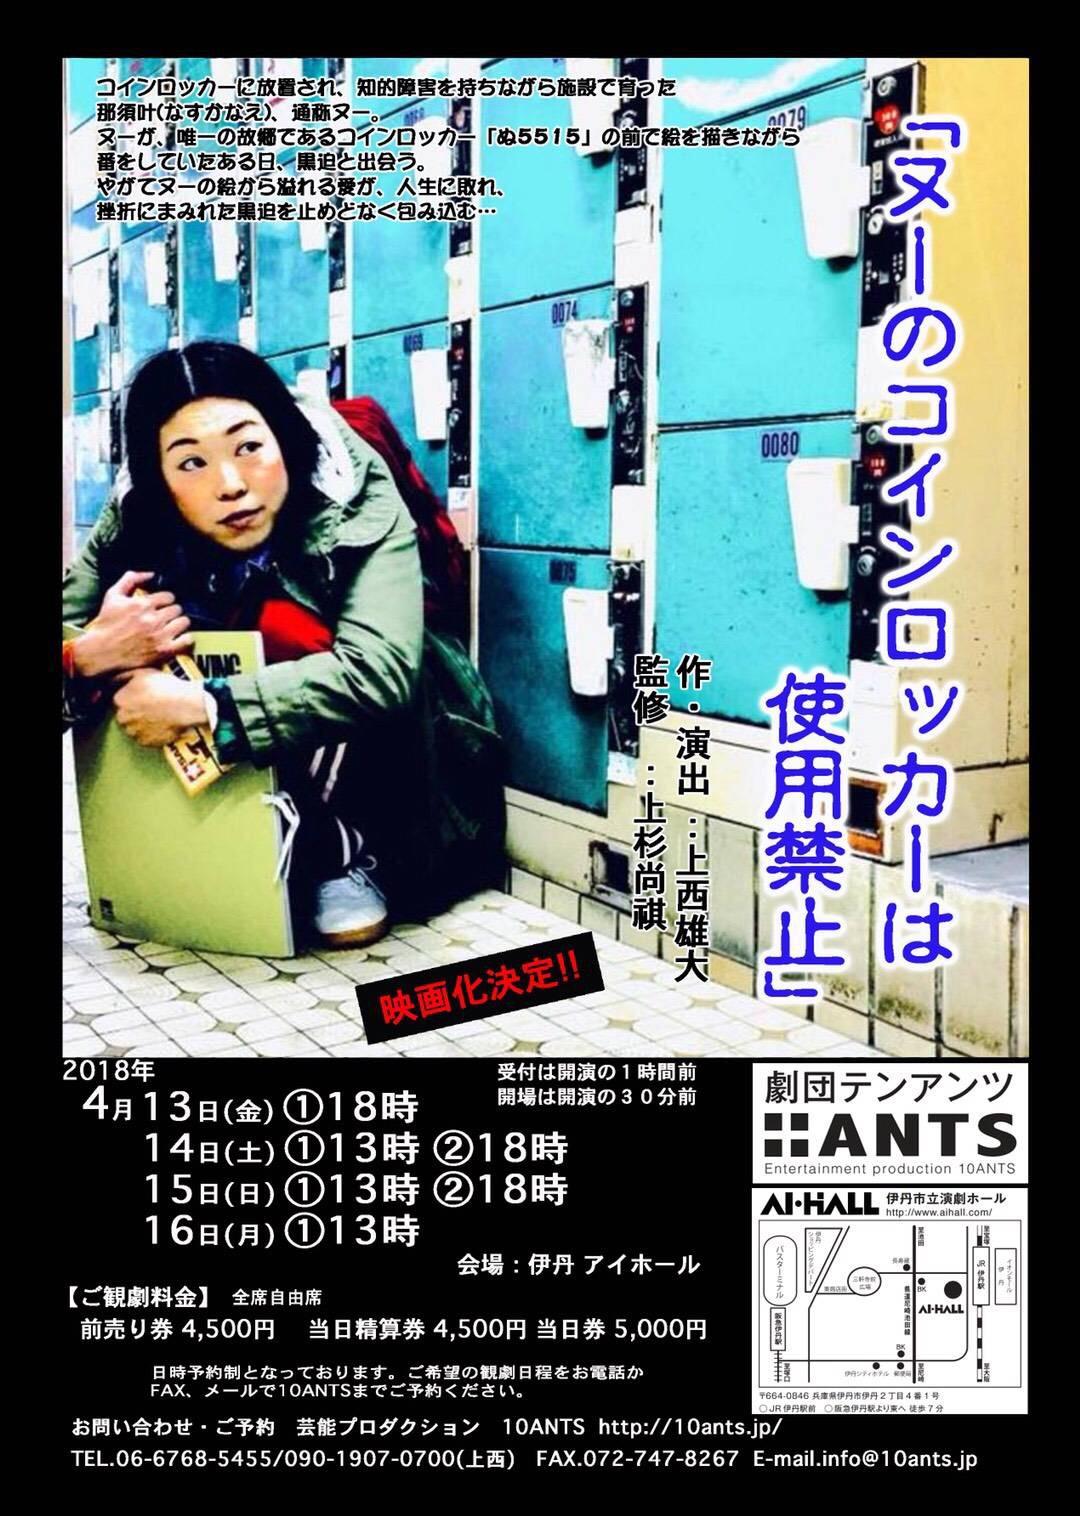 【星川桂出演】劇団テンアンツ 第41回公演『ヌーのコインロッカーは使用禁止』